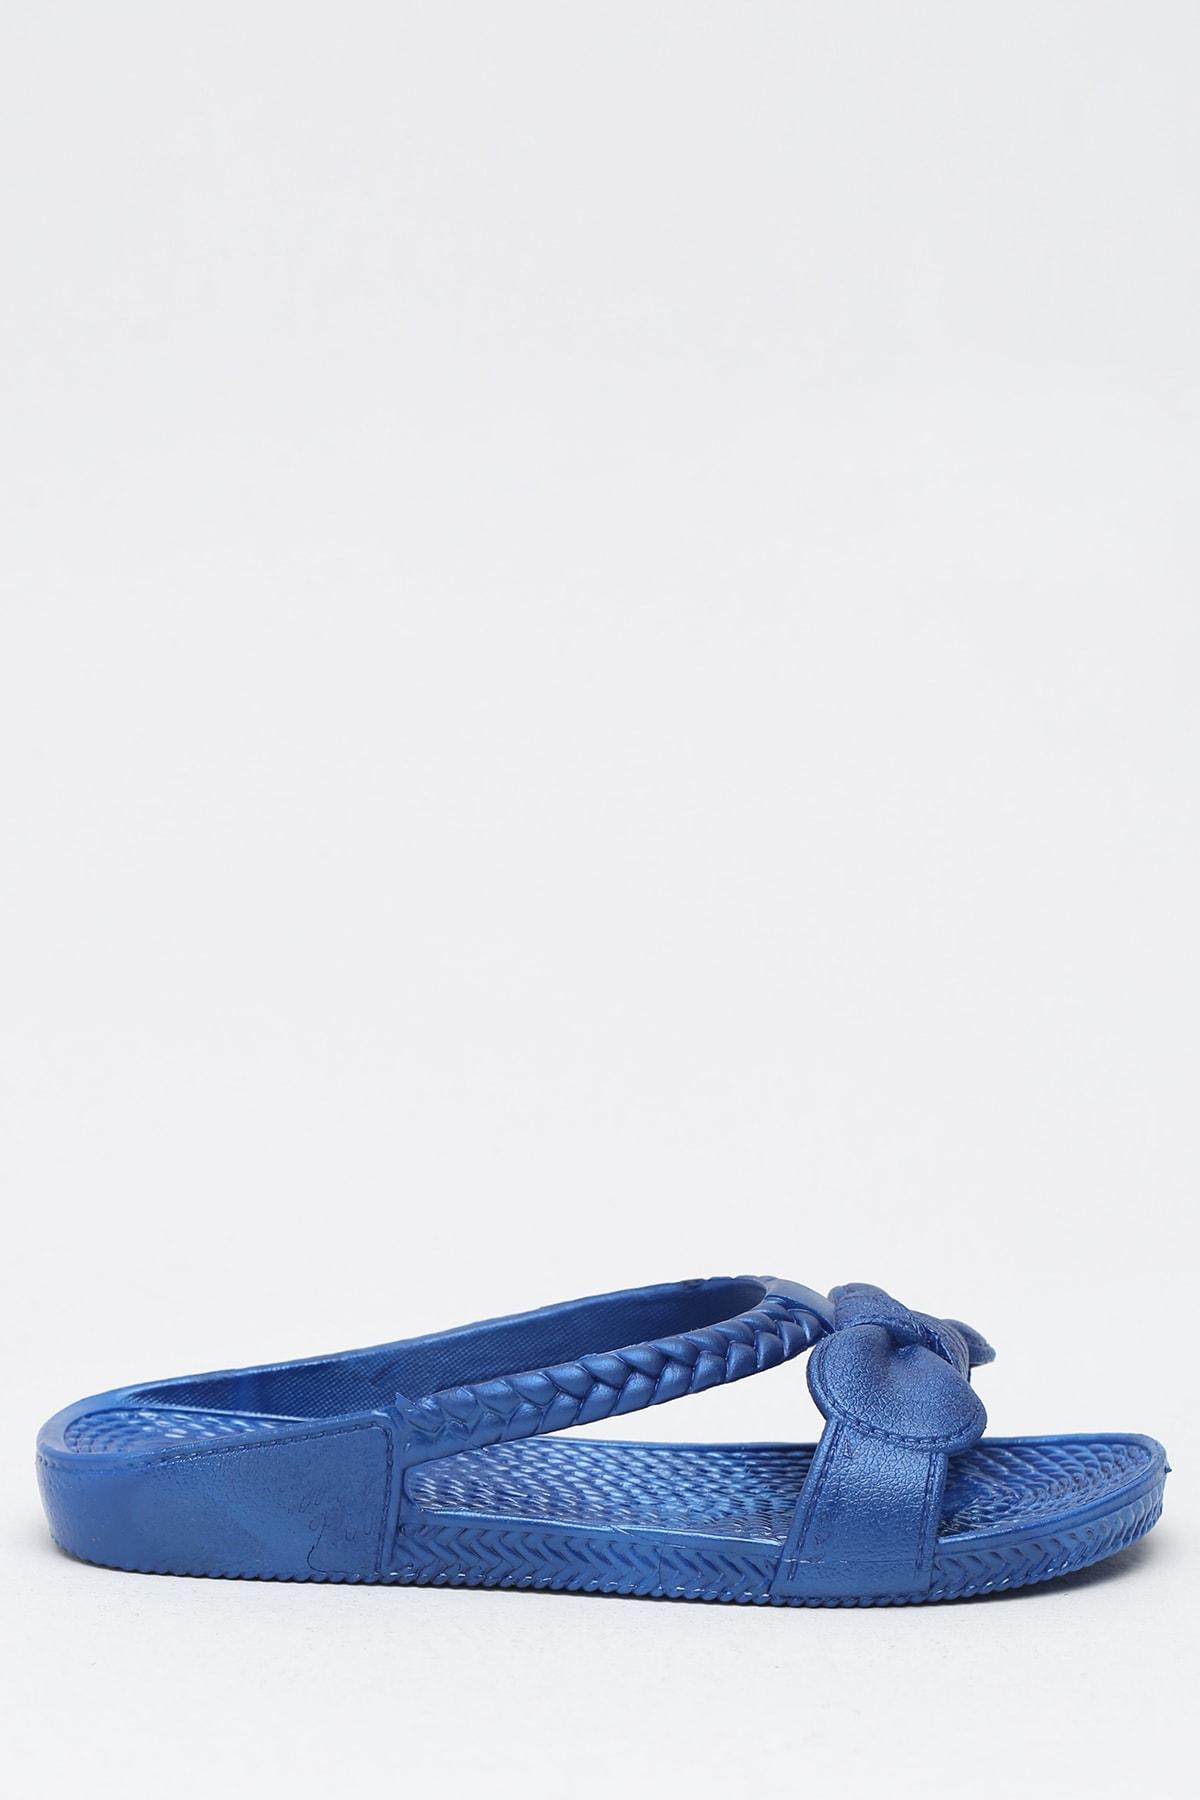 Ayakkabı Modası Saks Mavi Kadın Terlik M9999-19-100230R